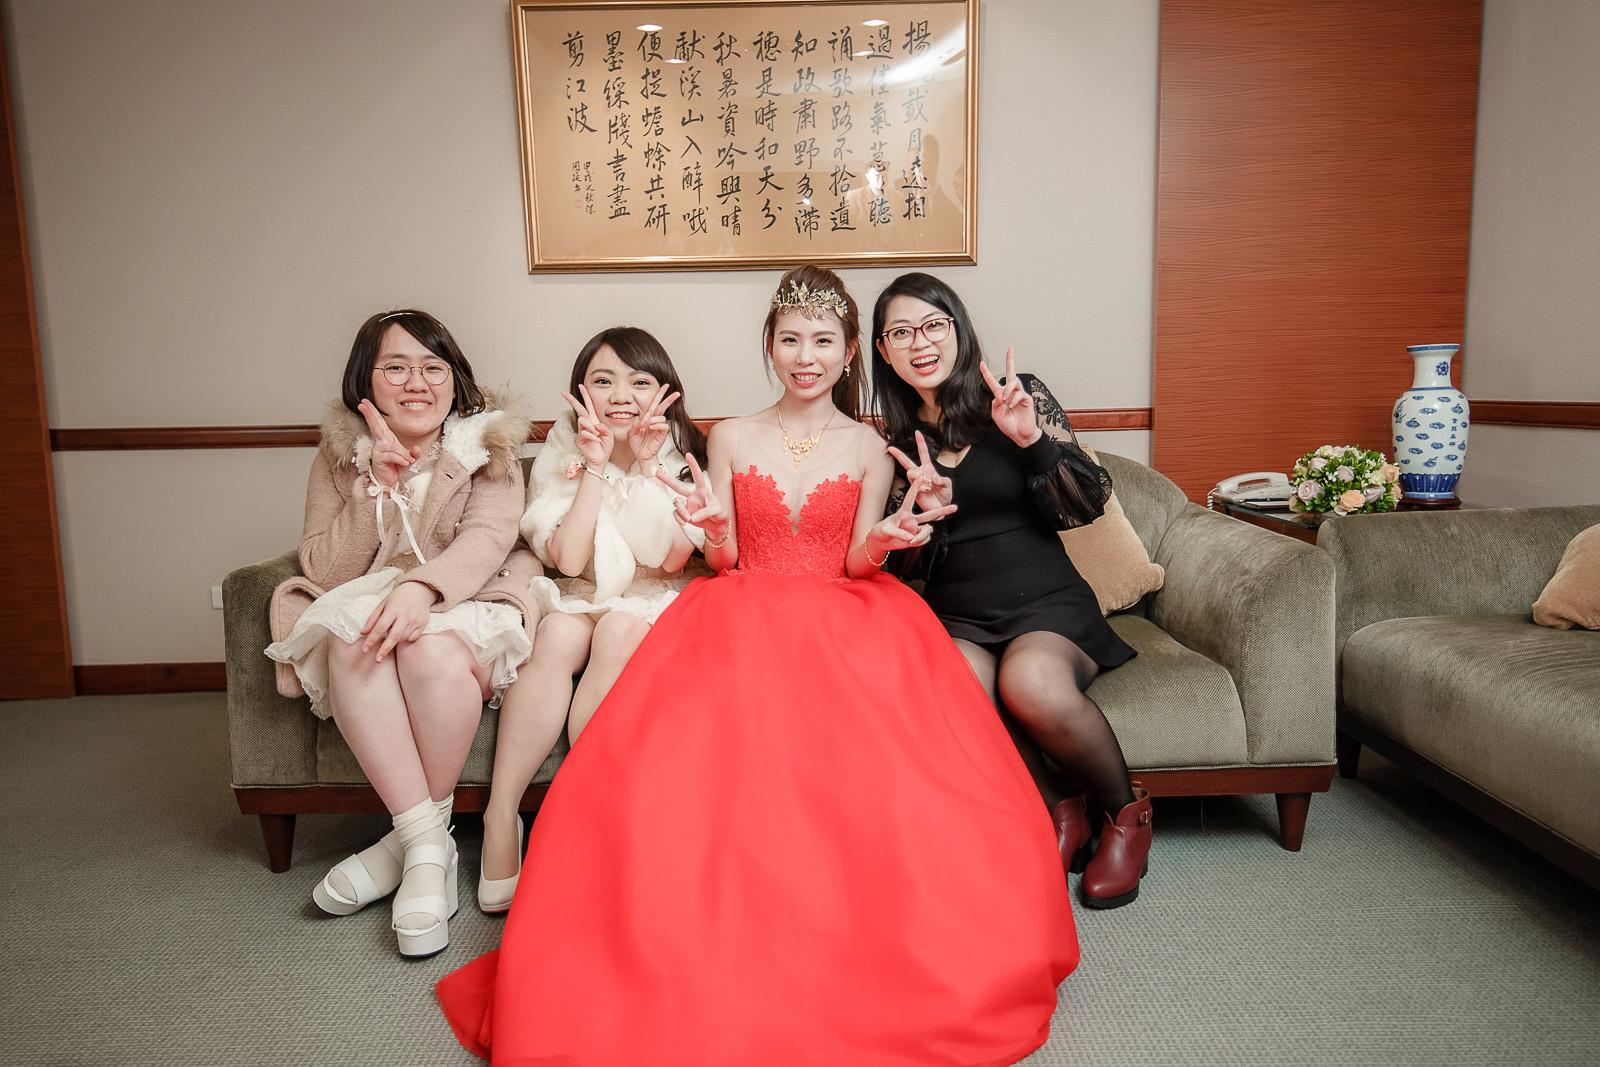 高雄圓山飯店,婚禮攝影,婚攝,高雄婚攝,優質婚攝推薦,Jen&Ethan-047